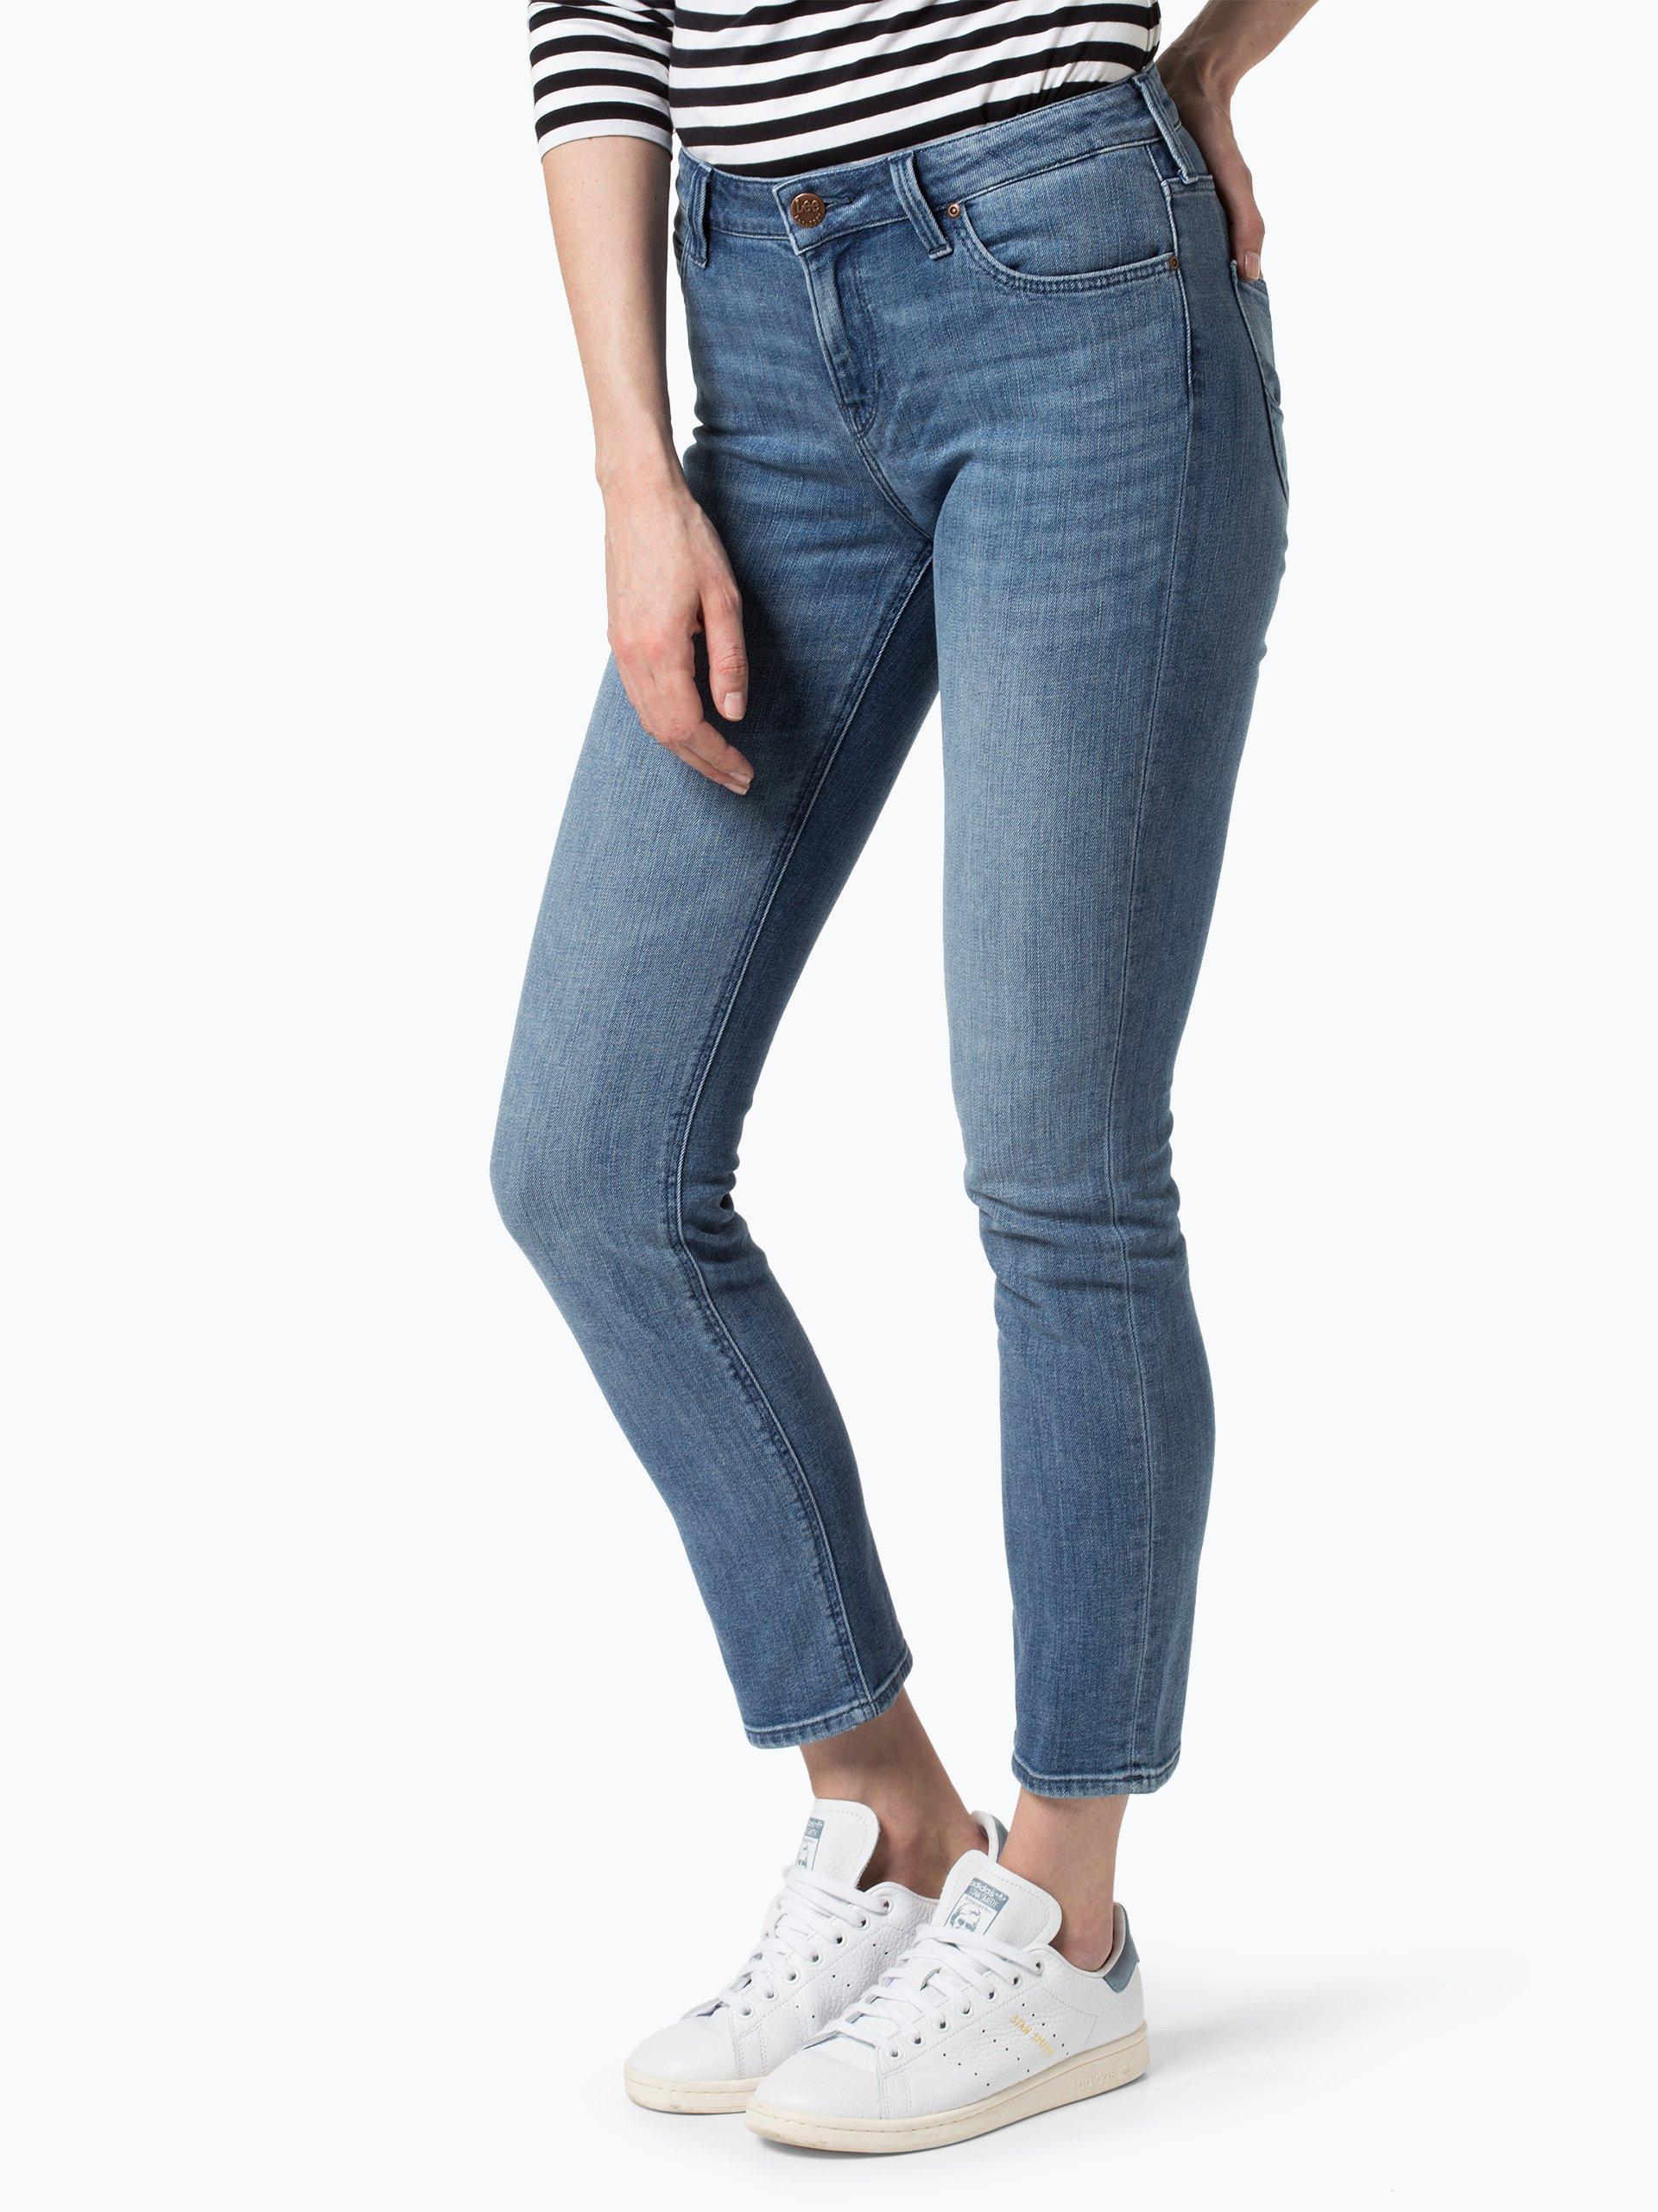 lee damen jeans elly blau uni online kaufen vangraaf com. Black Bedroom Furniture Sets. Home Design Ideas